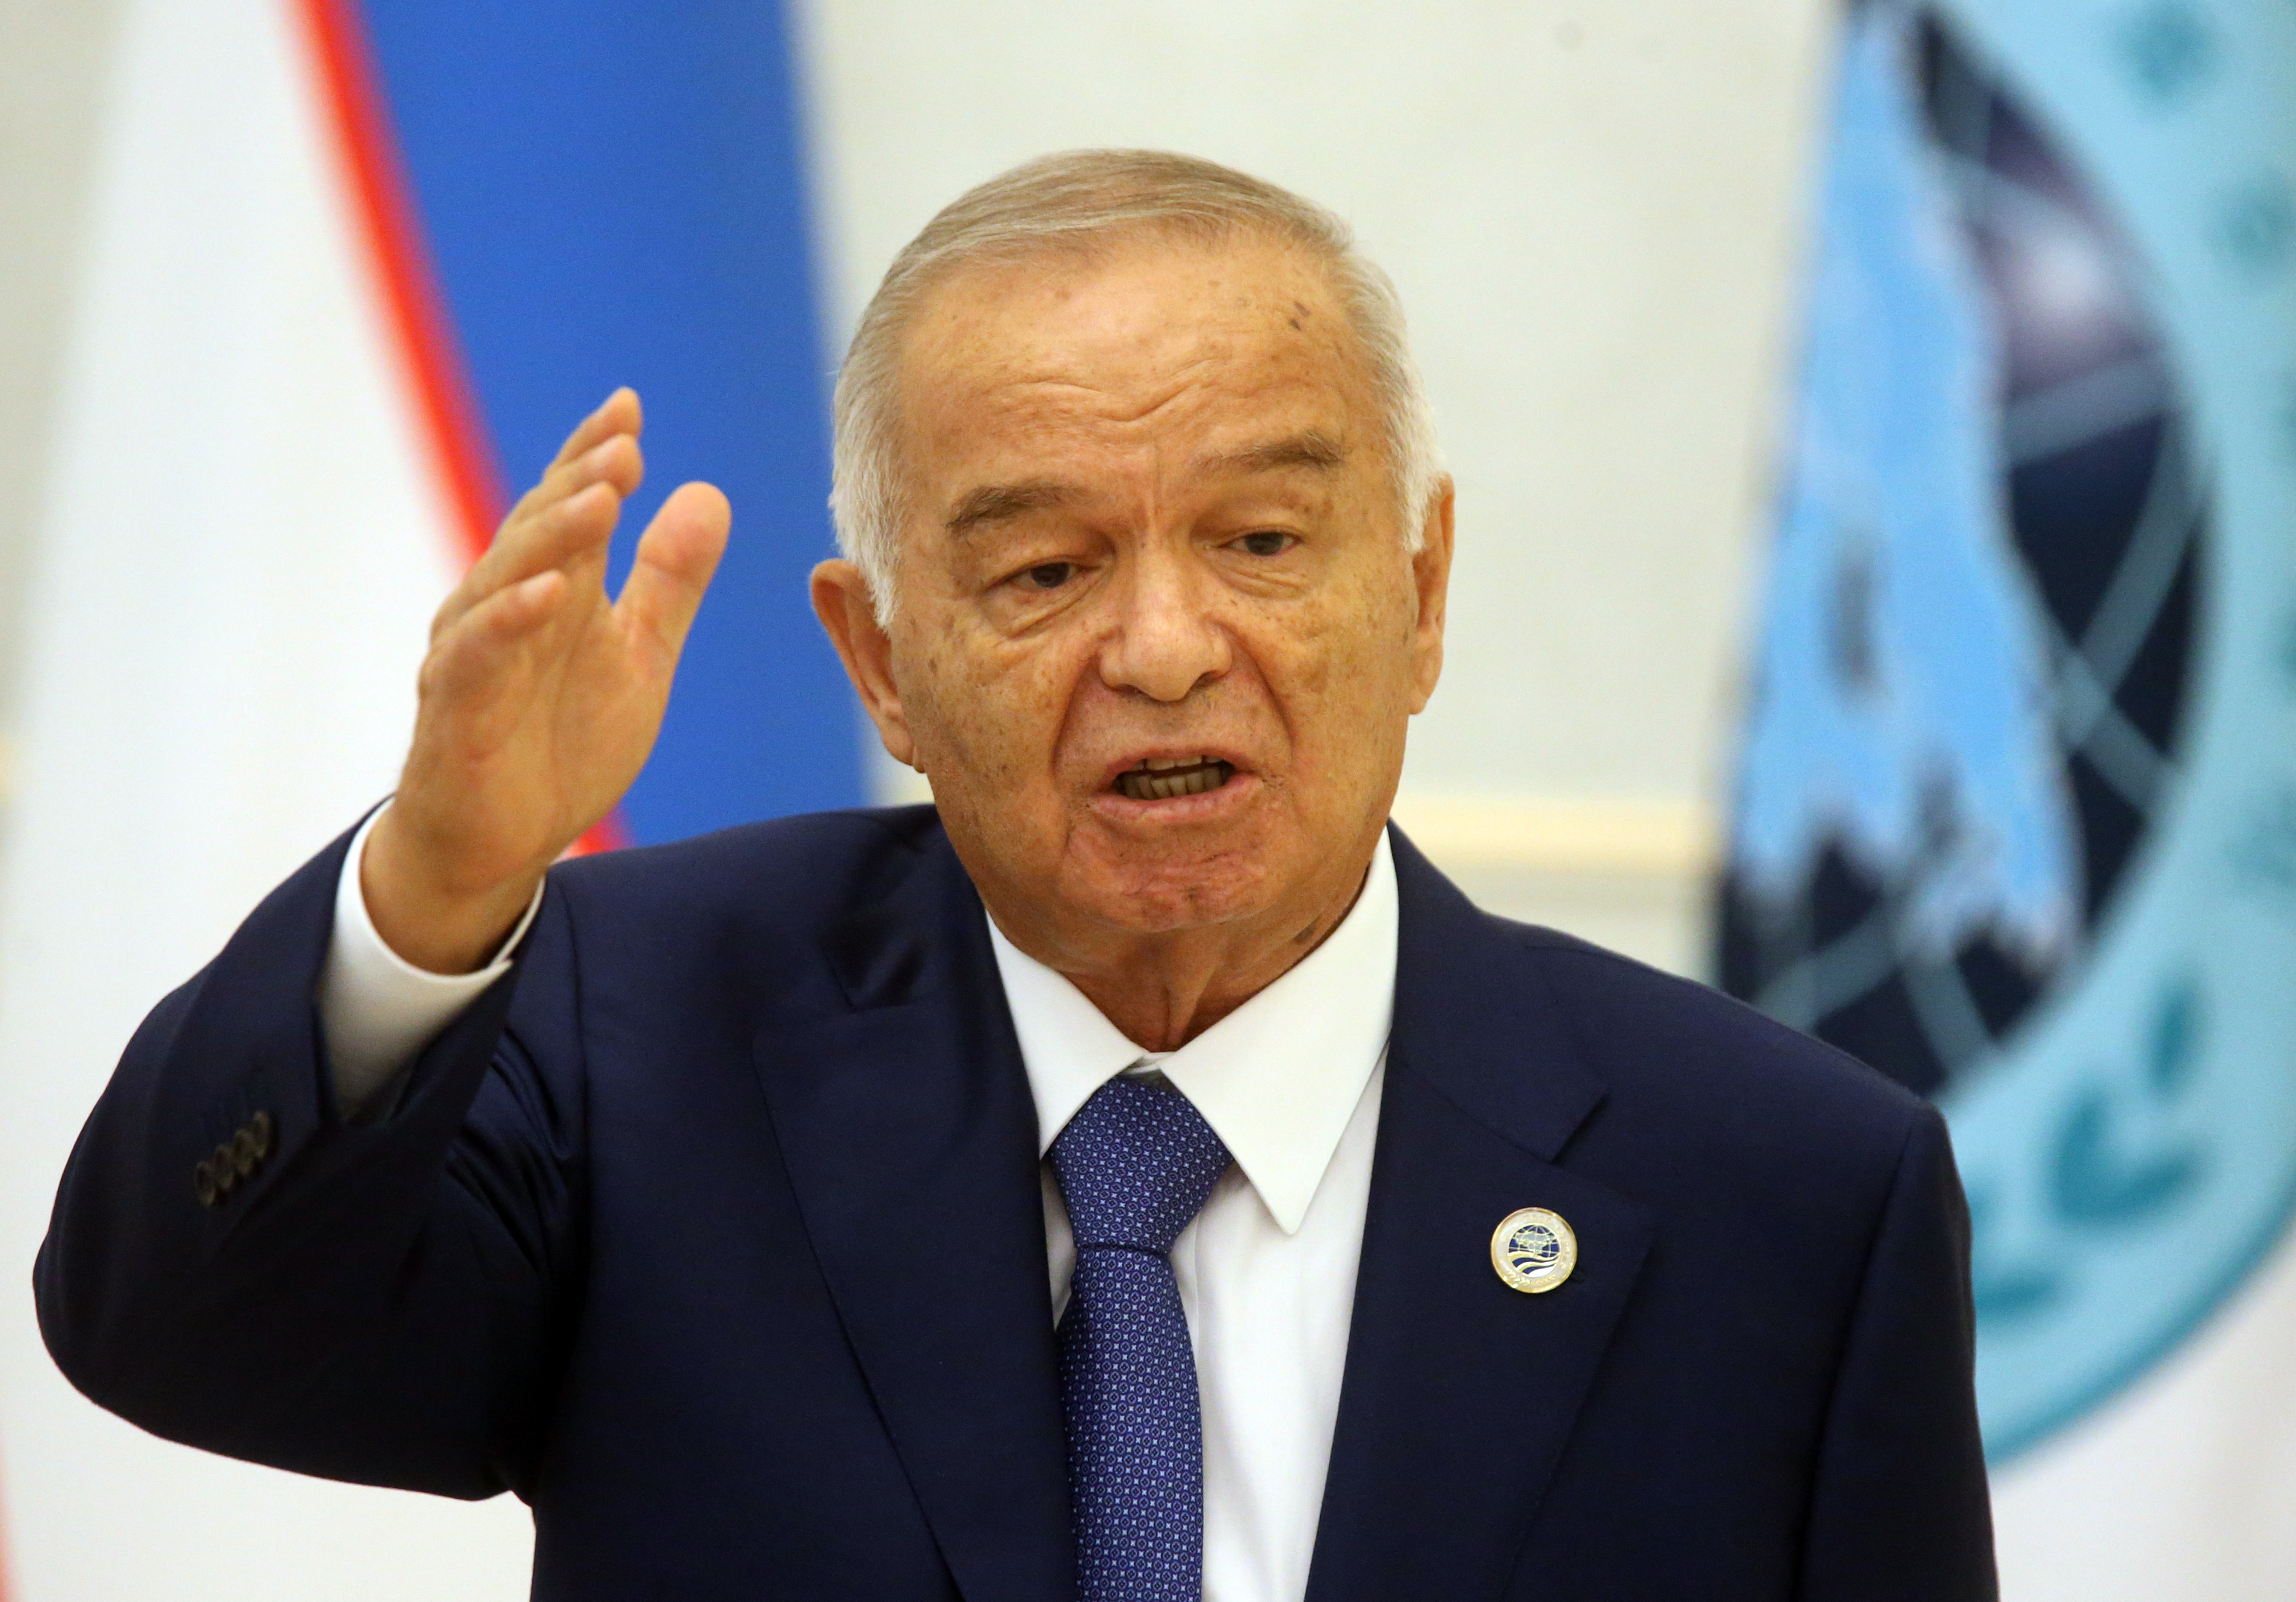 Uzbek President Islam Karimov speaks during the Shanghai Cooperation Organisation (SCO) Summit in Tashkent, Uzbekistan, on June 24, 2016.